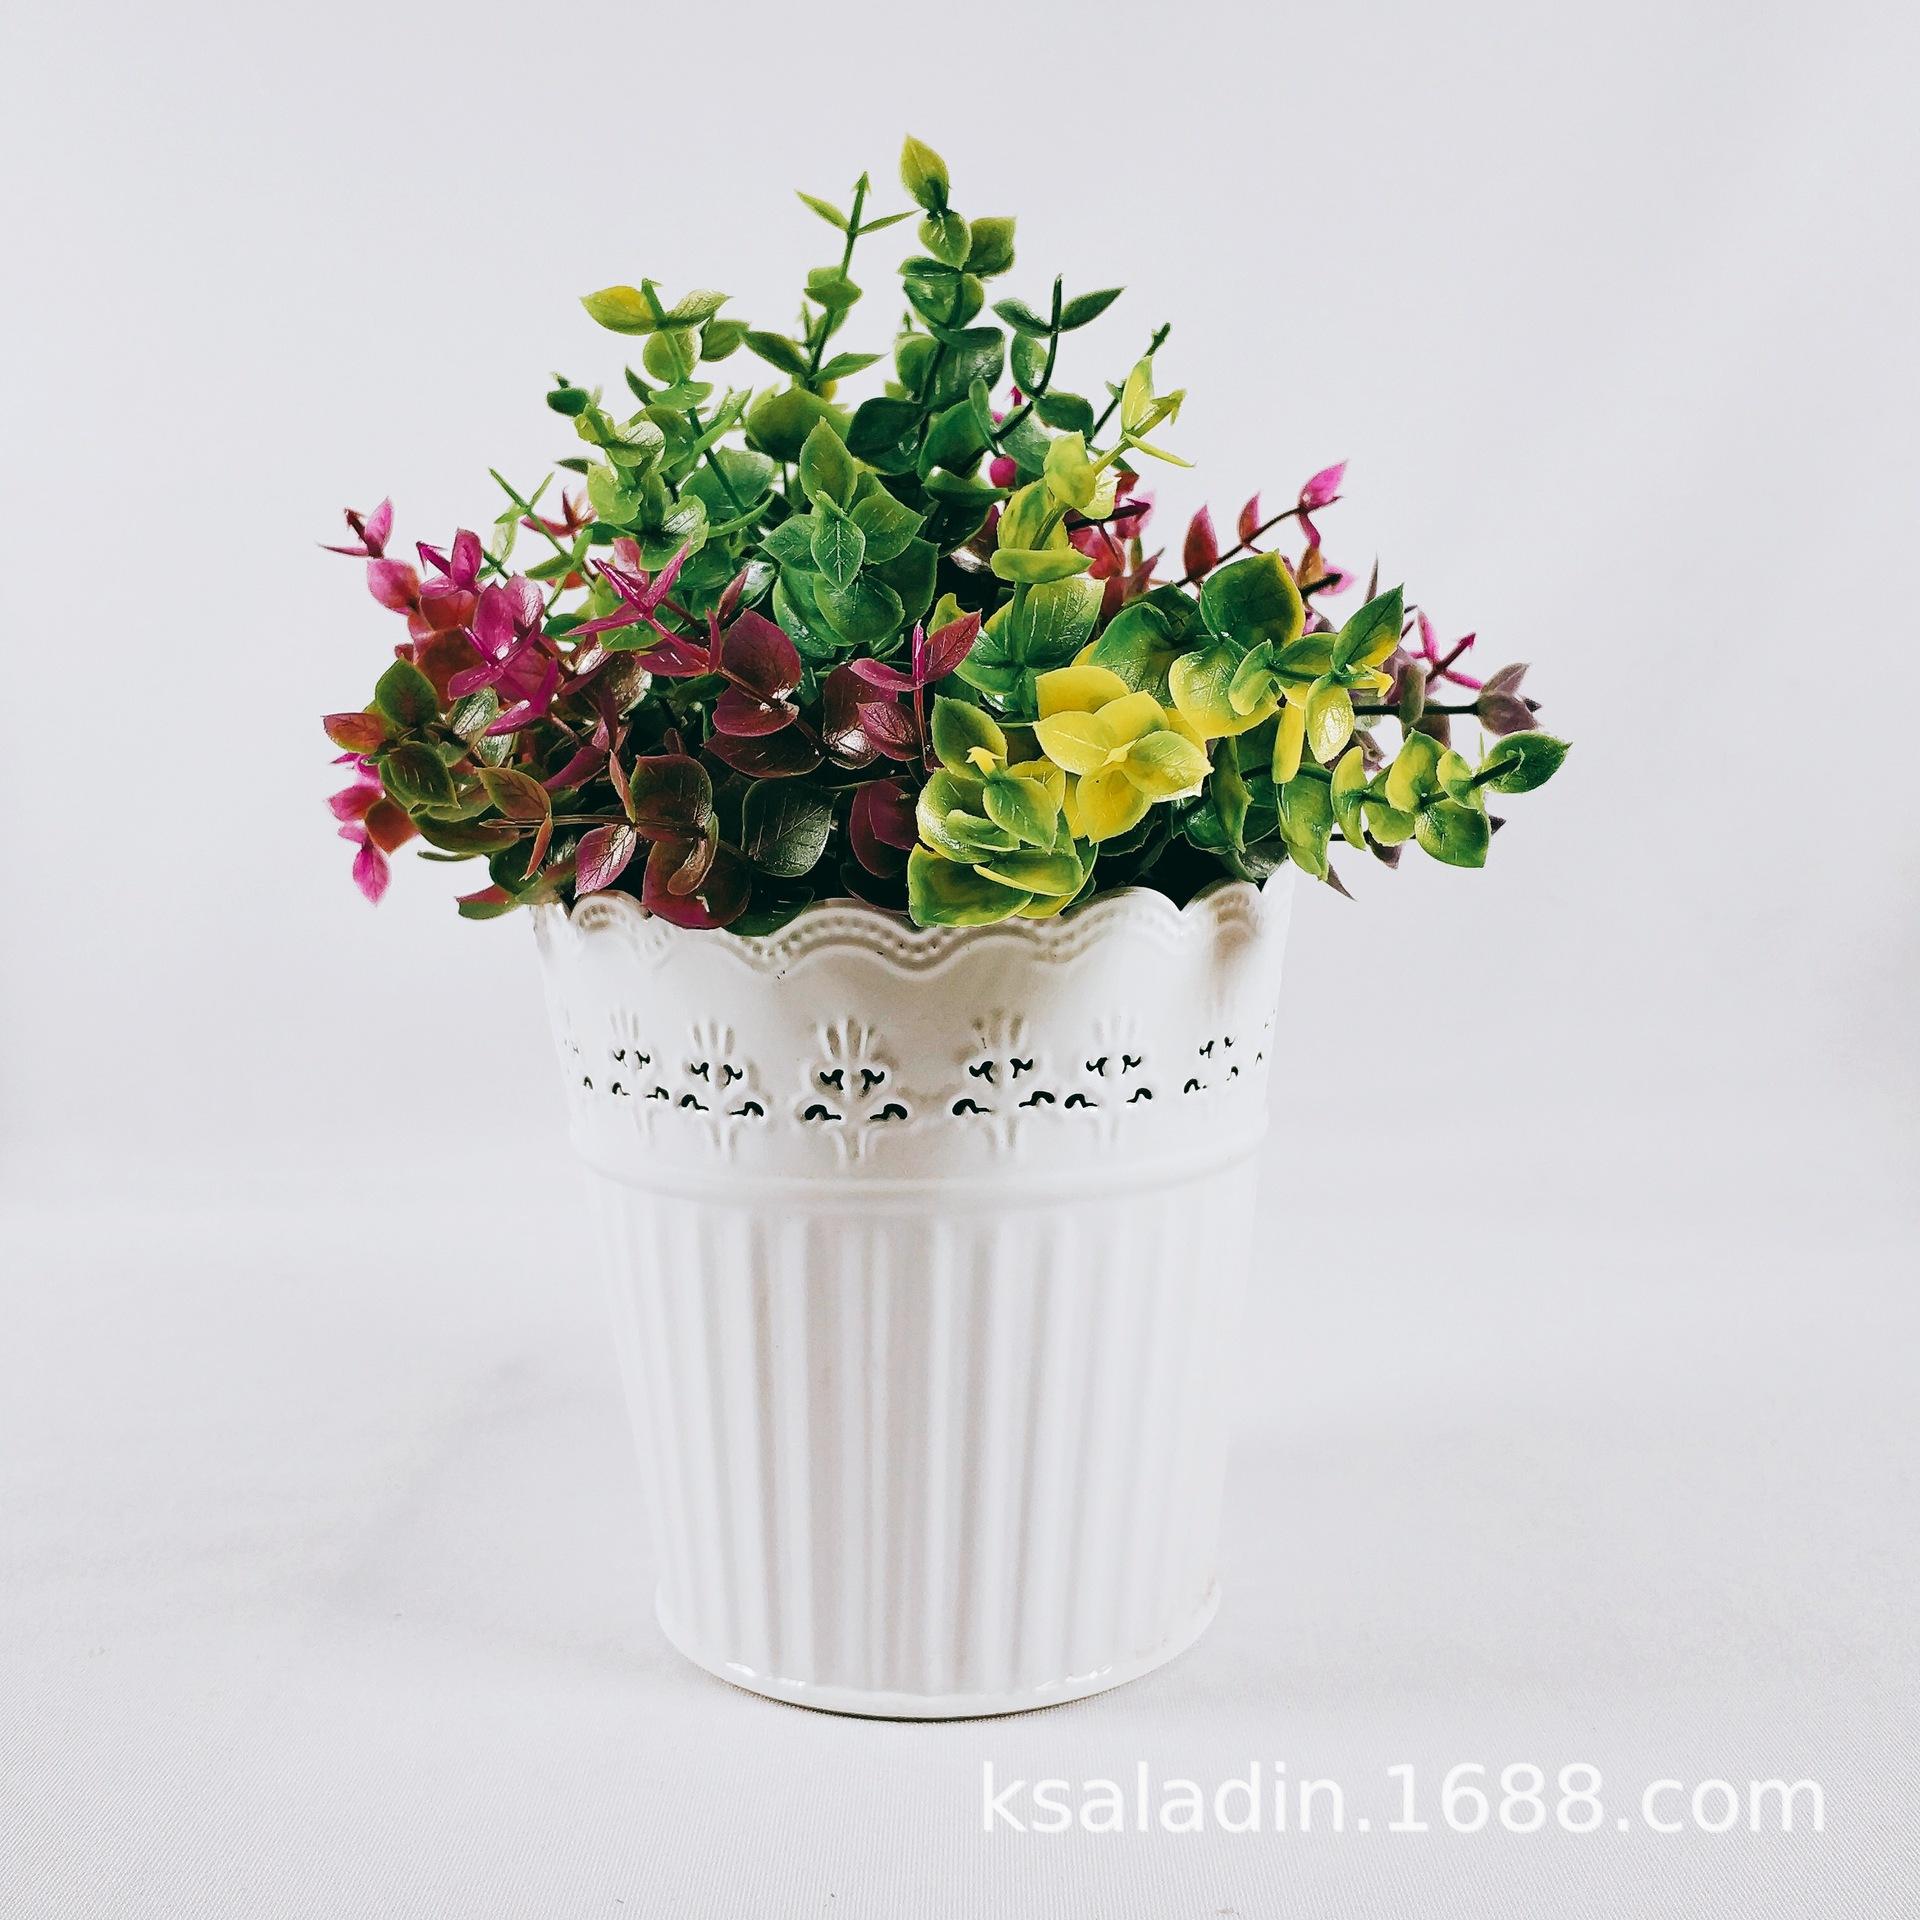 欧式创意铁艺花盆多肉花盆田园花器仿真花鲜花花桶盆栽盆景装饰